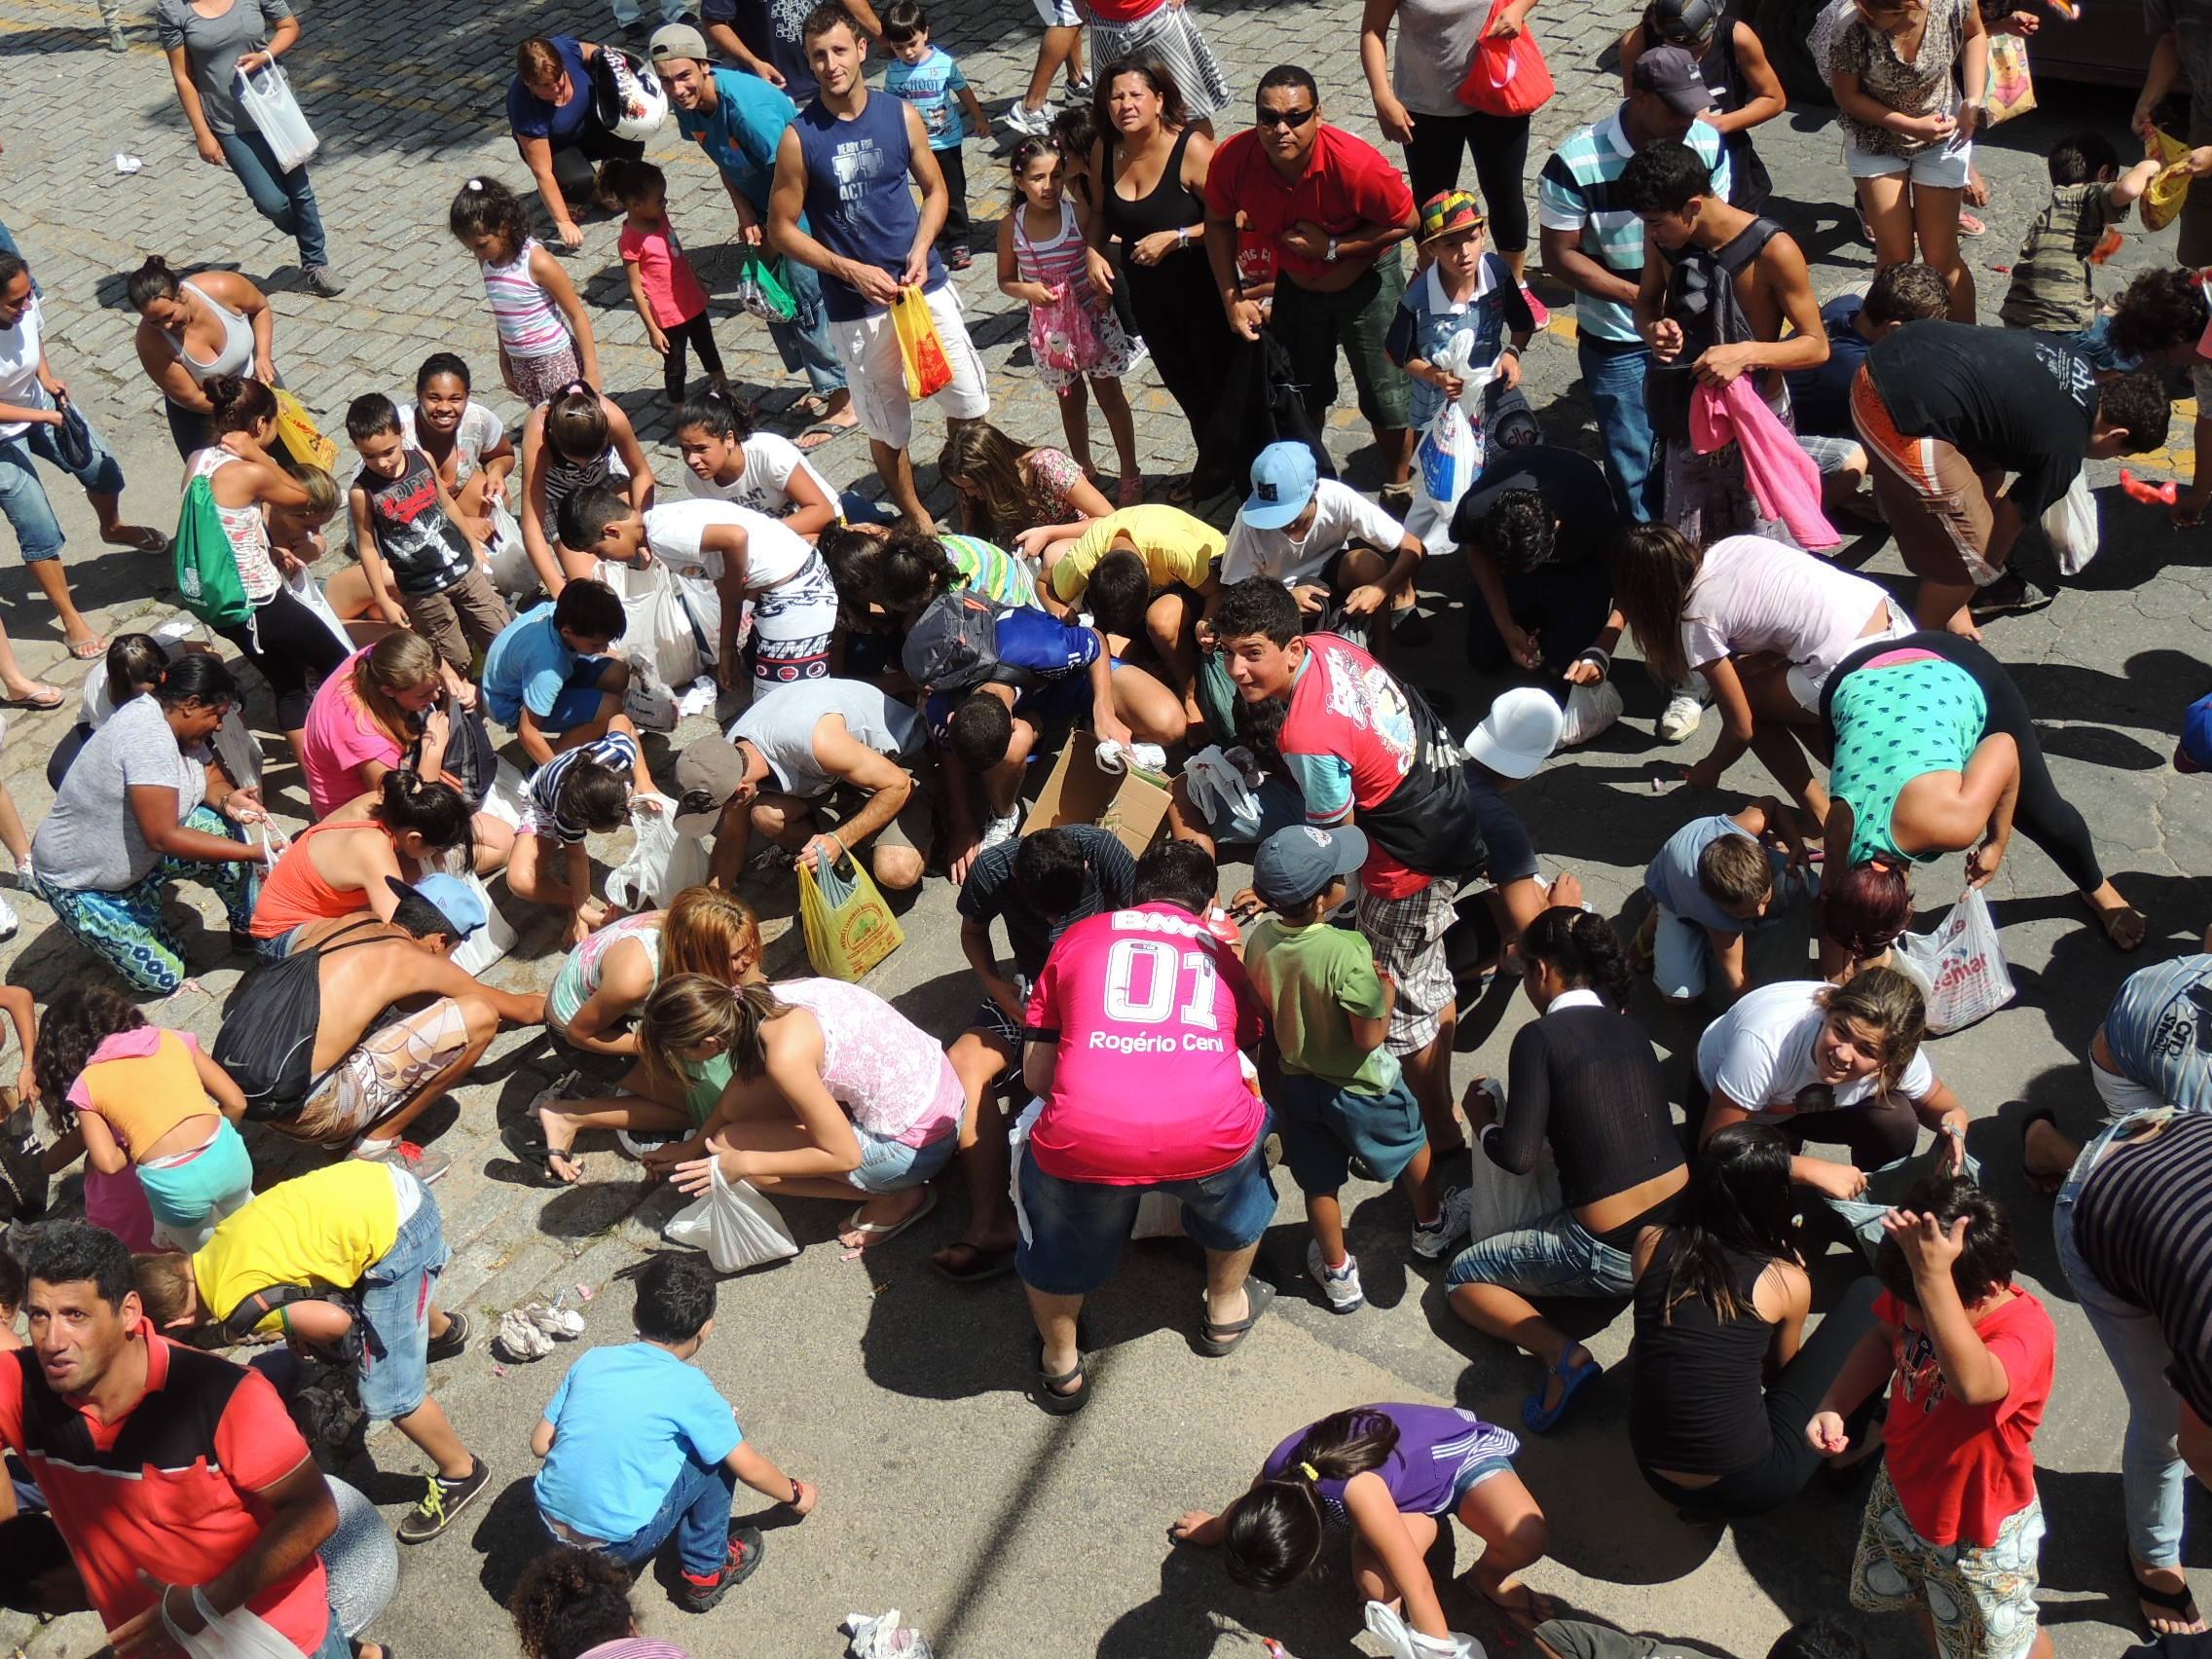 Organizadores estimaram cerca de 150 crianças. (Foto: Jenifer Carpani/G1)